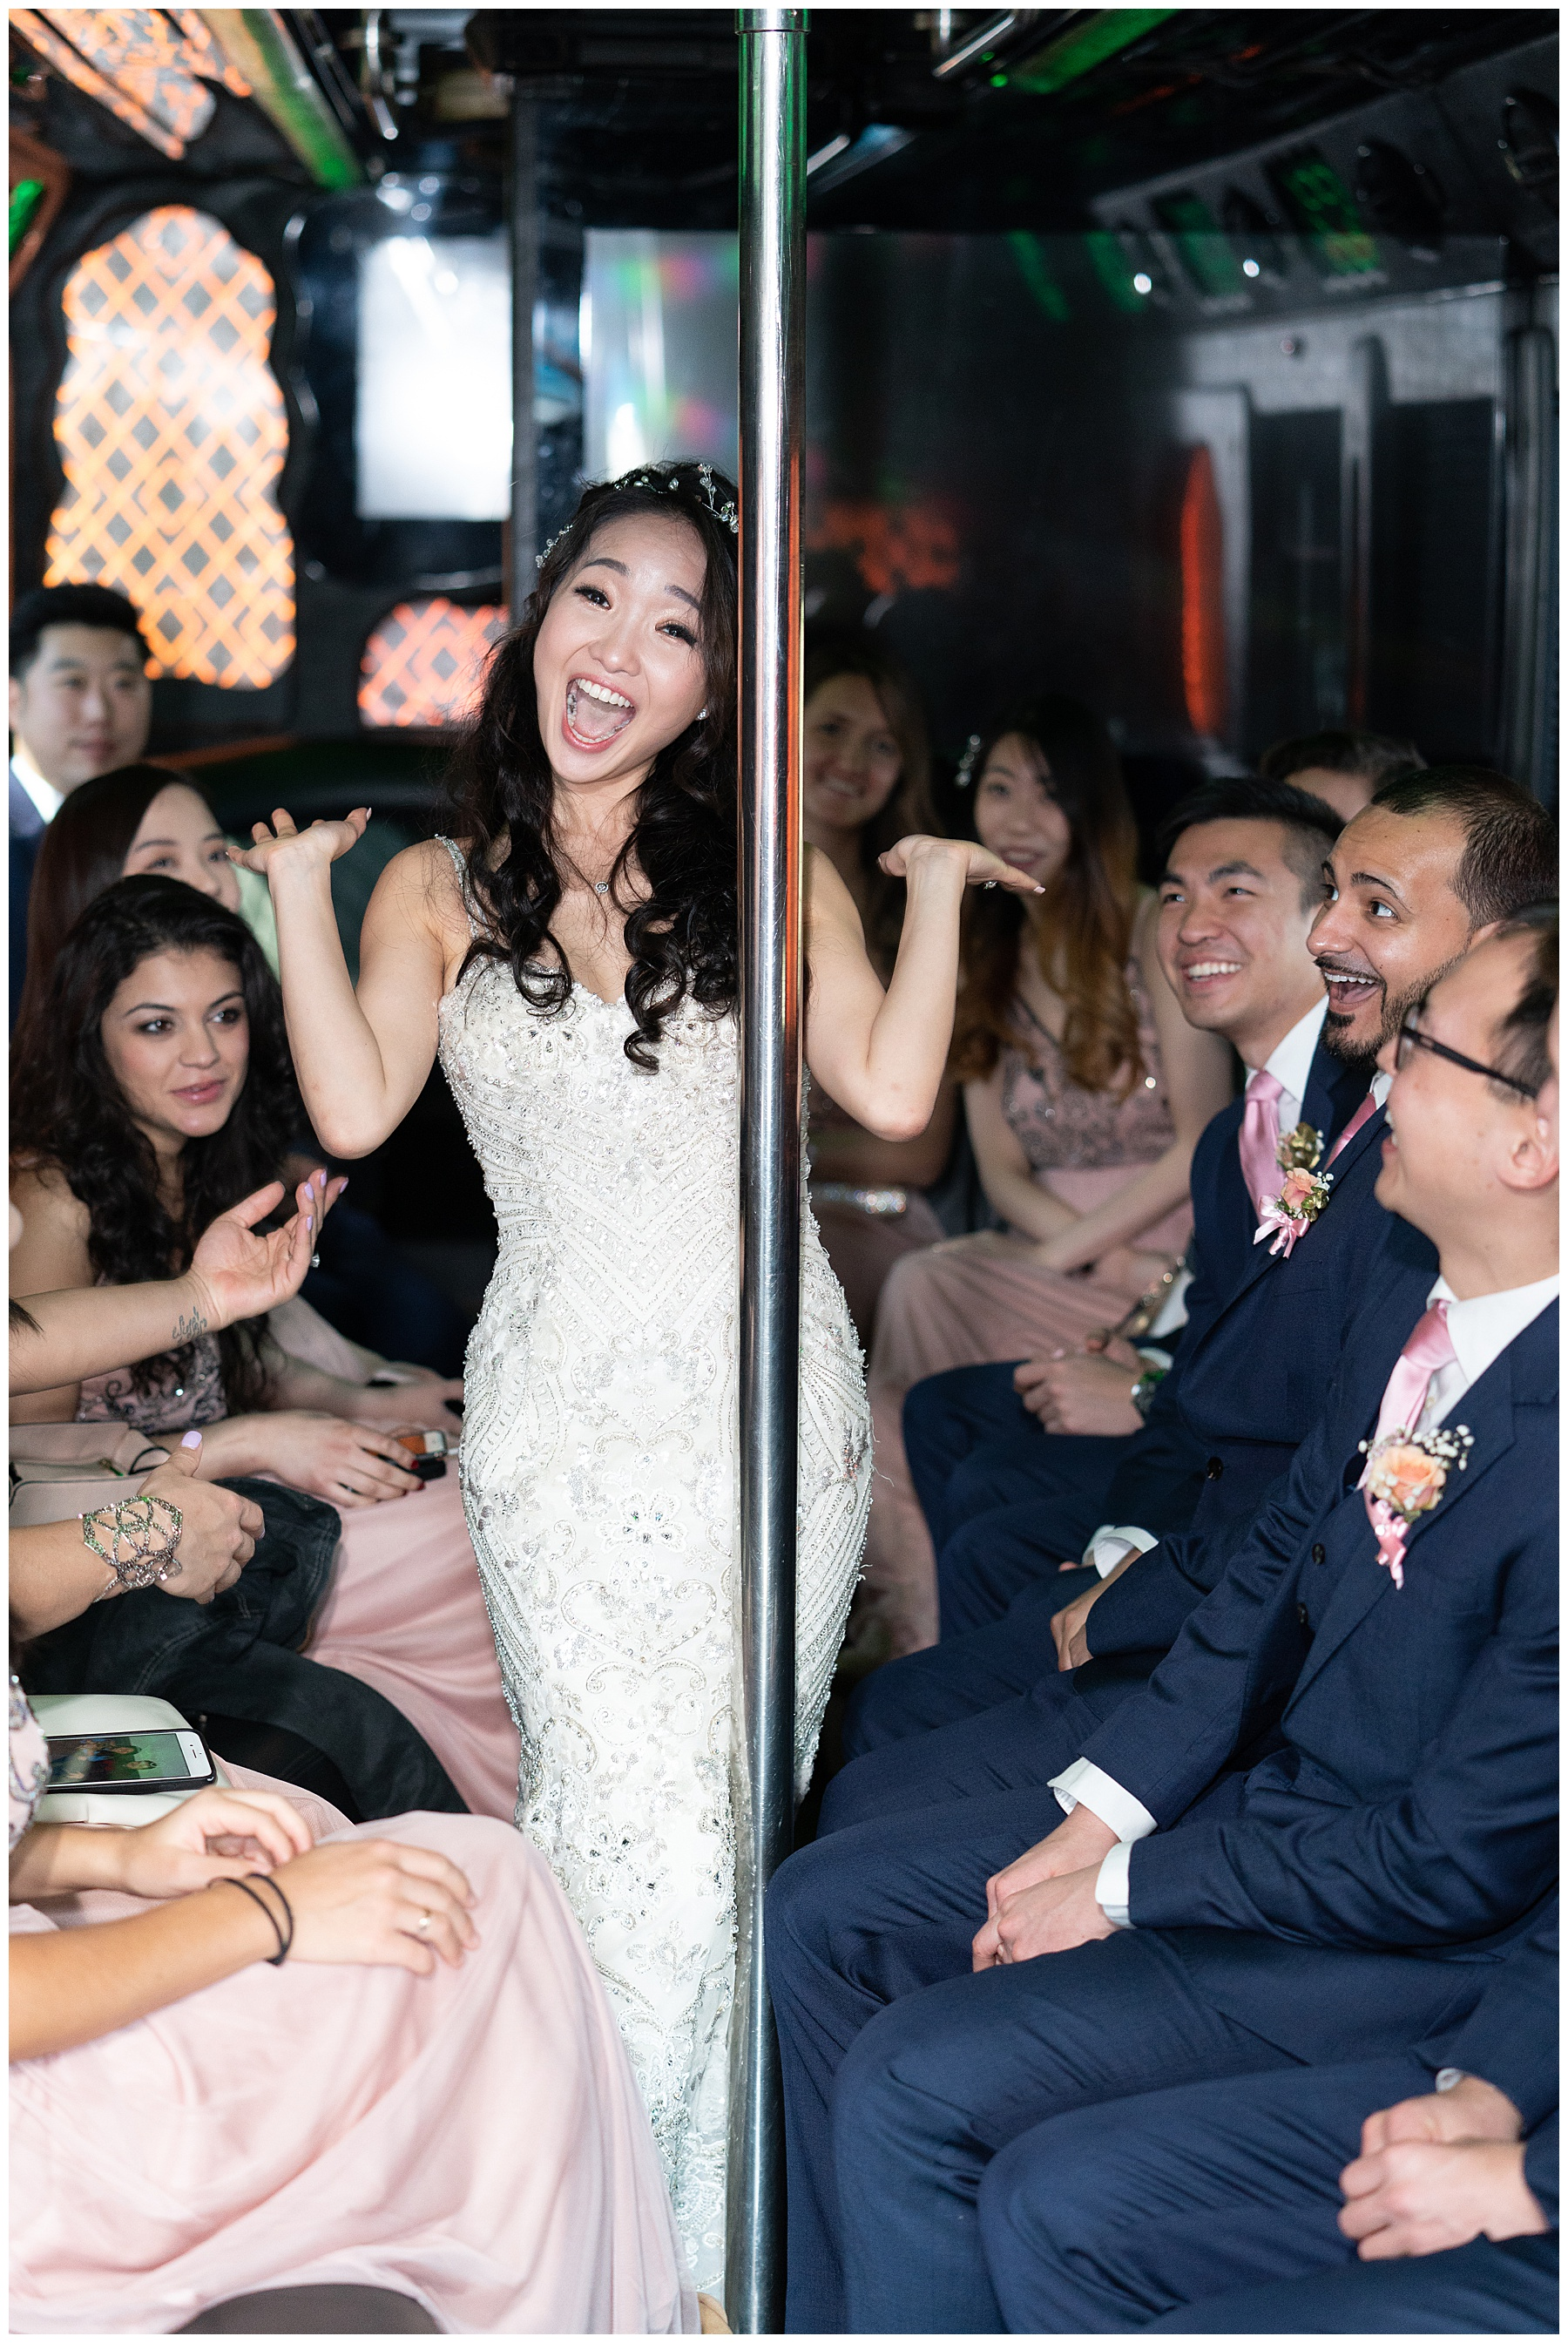 wedding party bus ride